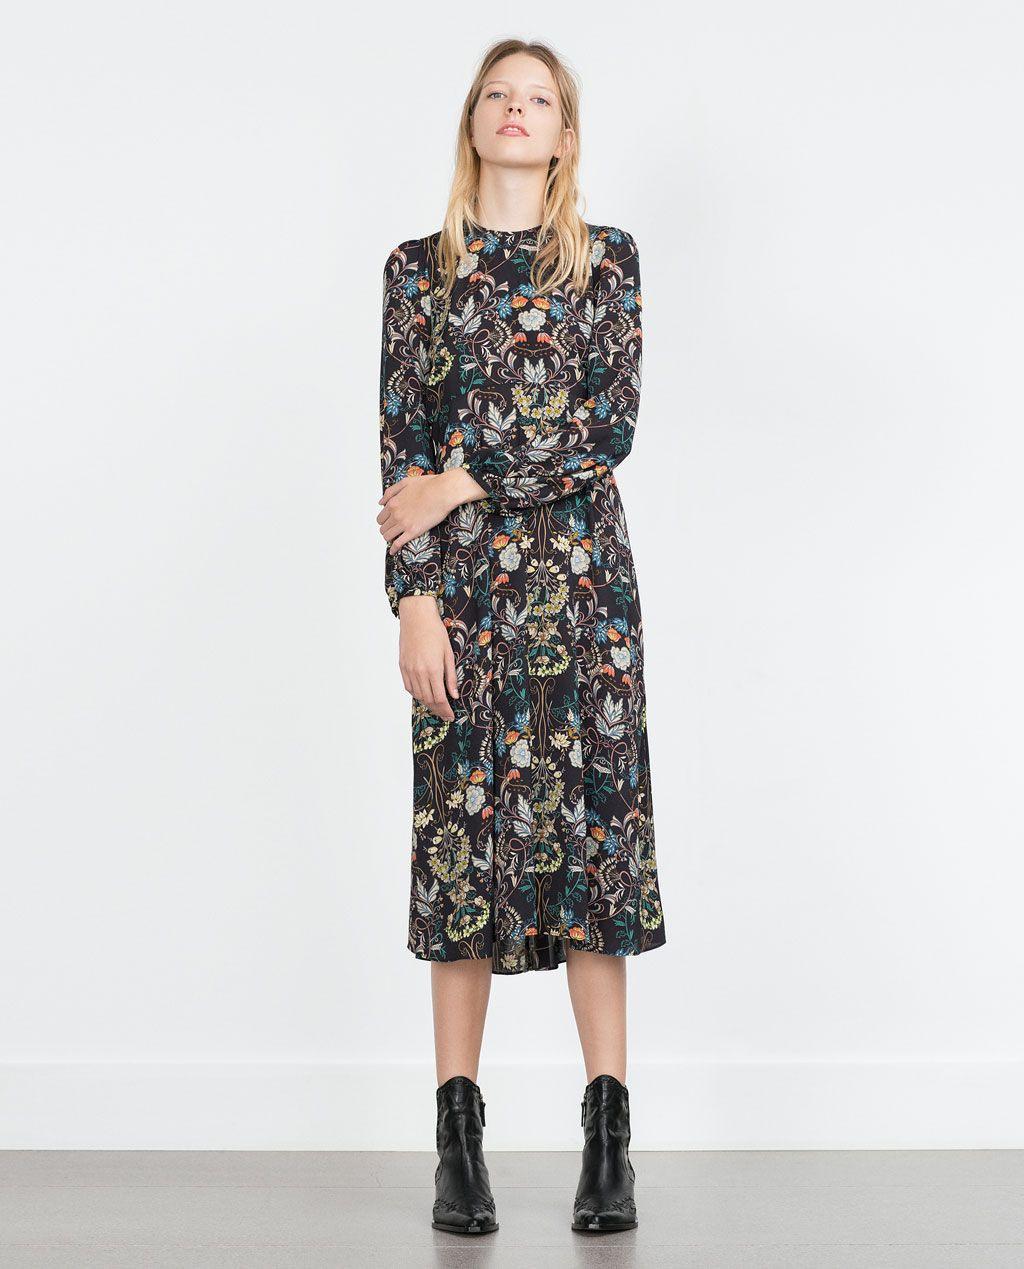 ザラZaraのスタンダードなワンピースで目指せファッション上級者♥  Kleider Damen